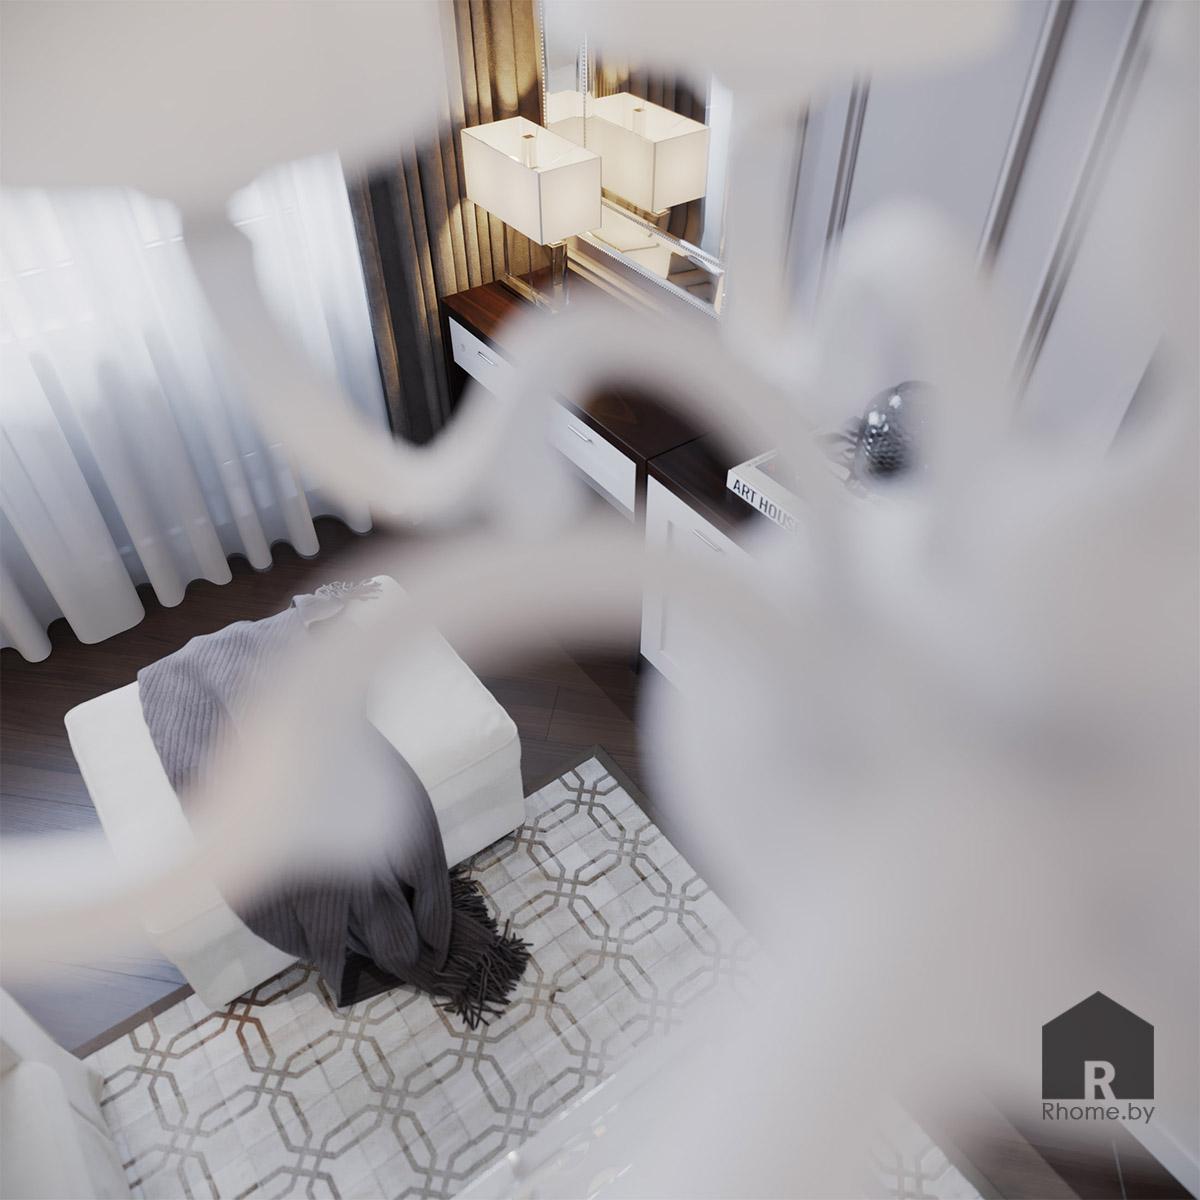 Дизайн гостиной в Боровлянах | Дизайн студия – Rhome.by